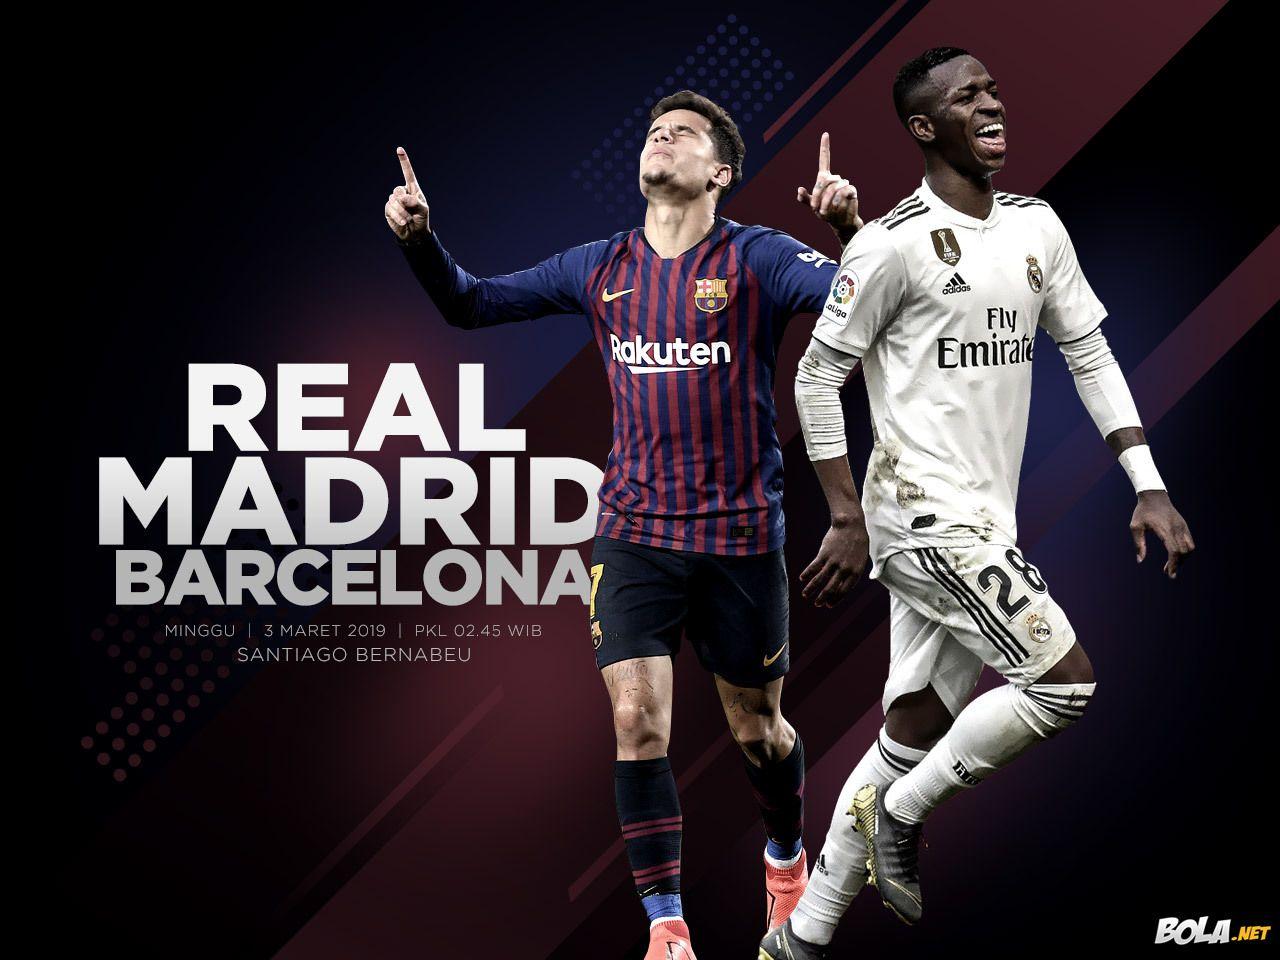 Real Madrid Wallpaper 2019 En 2020 Fondos Del Real Madrid Real Madrid Bernabeu